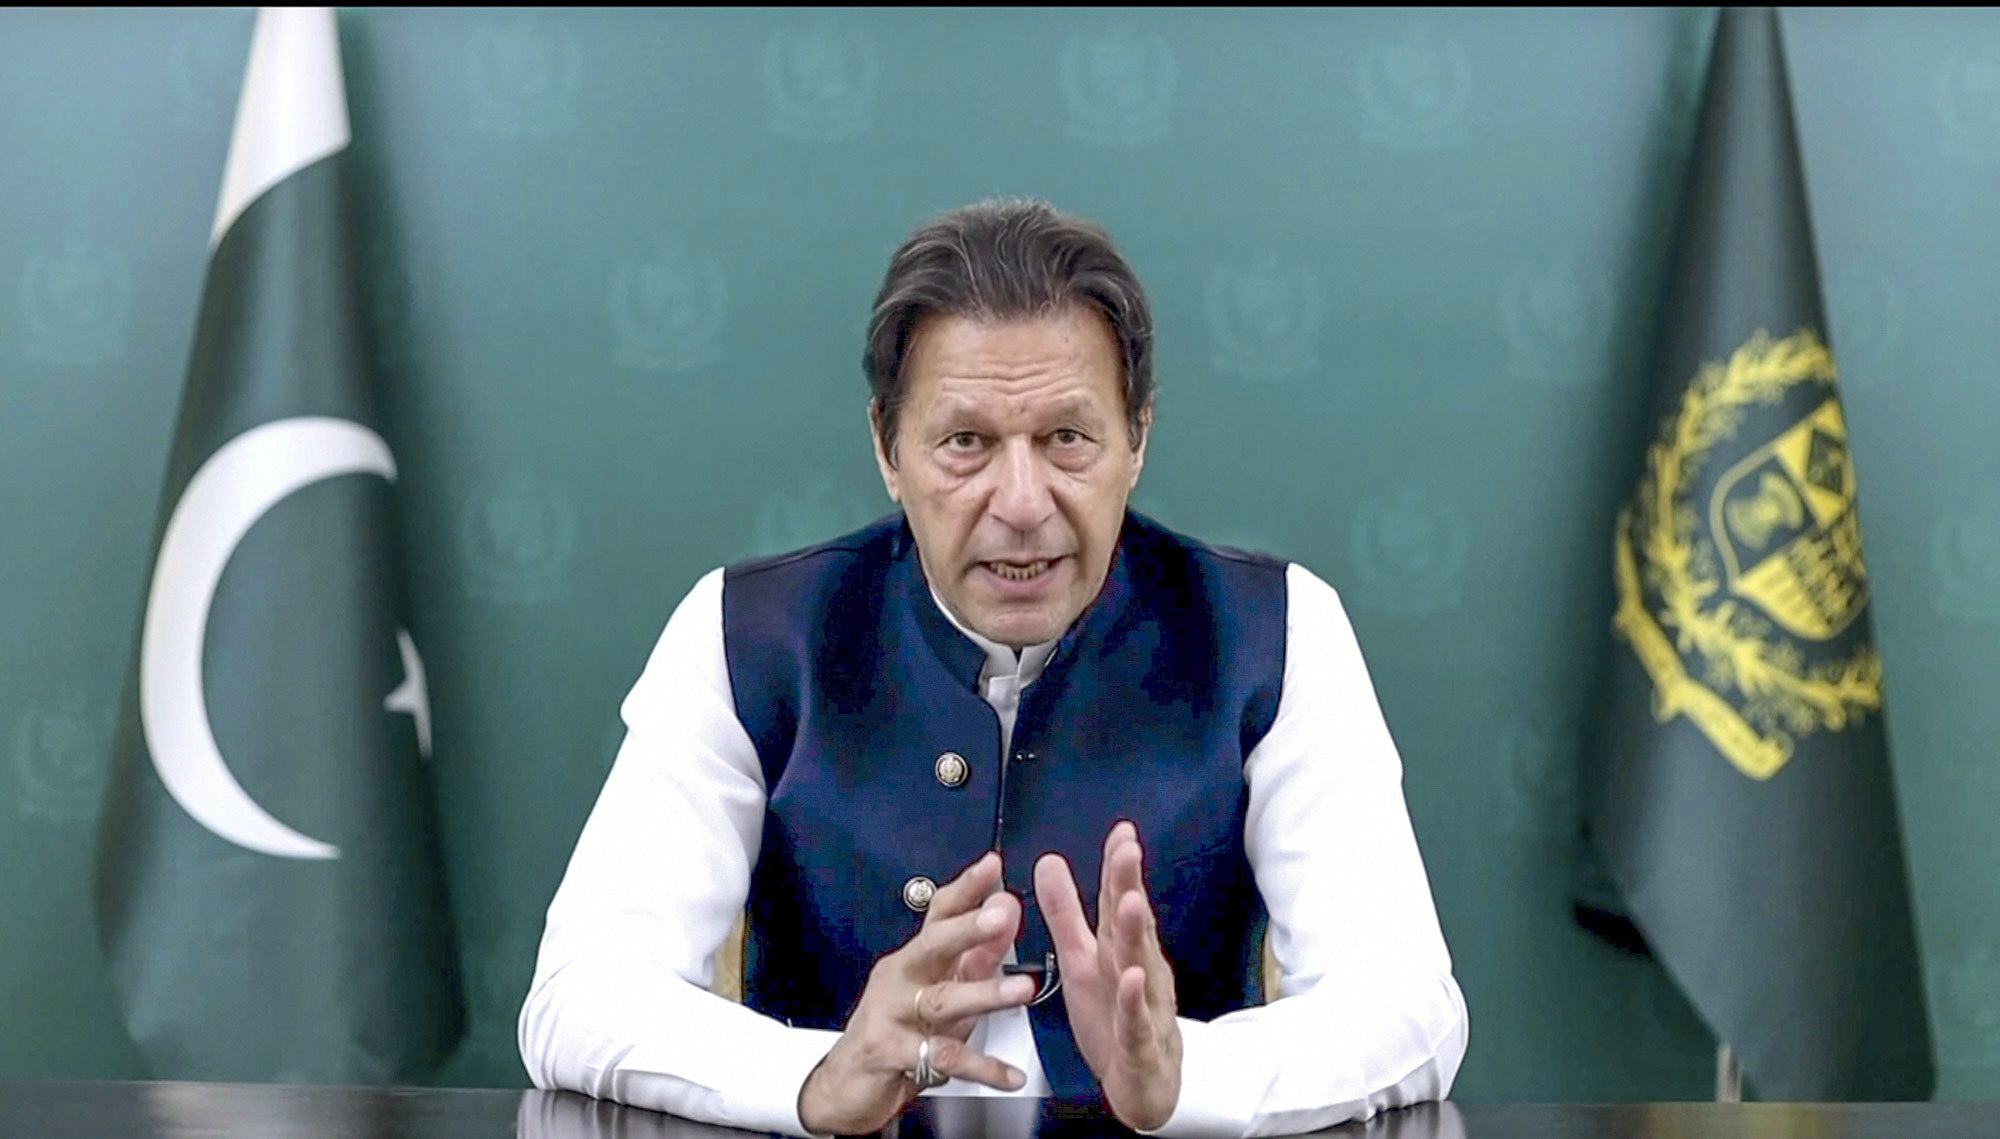 Imran Khan, Prime Minister of Pakistan